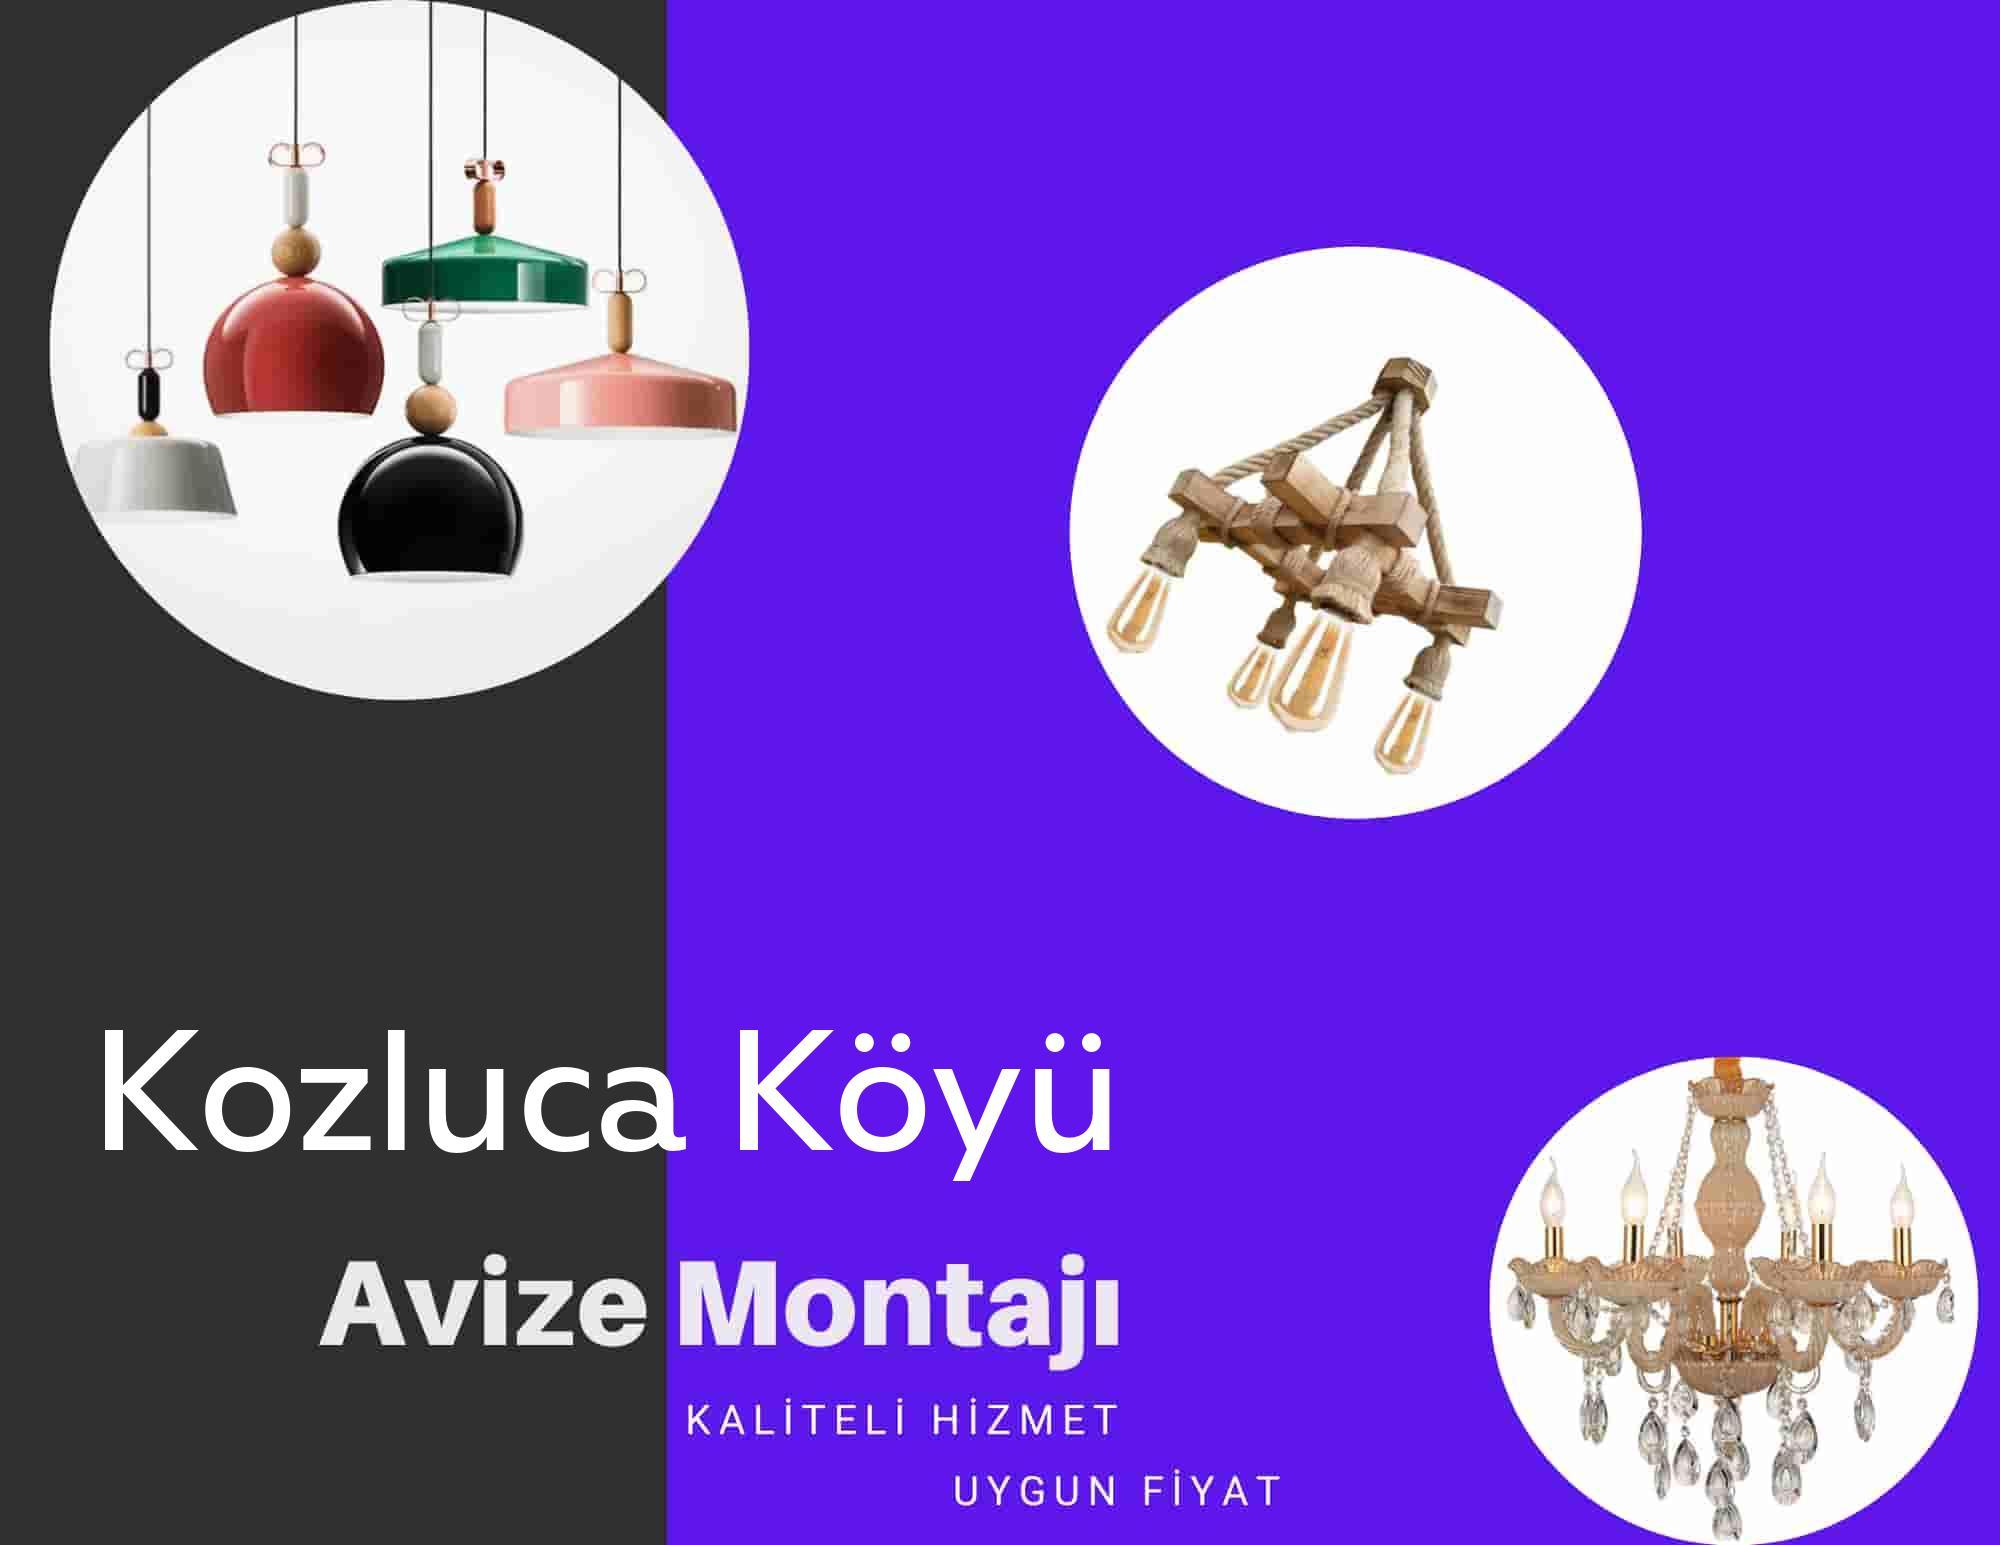 Kozluca Köyüde avize montajı yapan yerler arıyorsanız elektrikcicagir anında size profesyonel avize montajı ustasını yönlendirir.